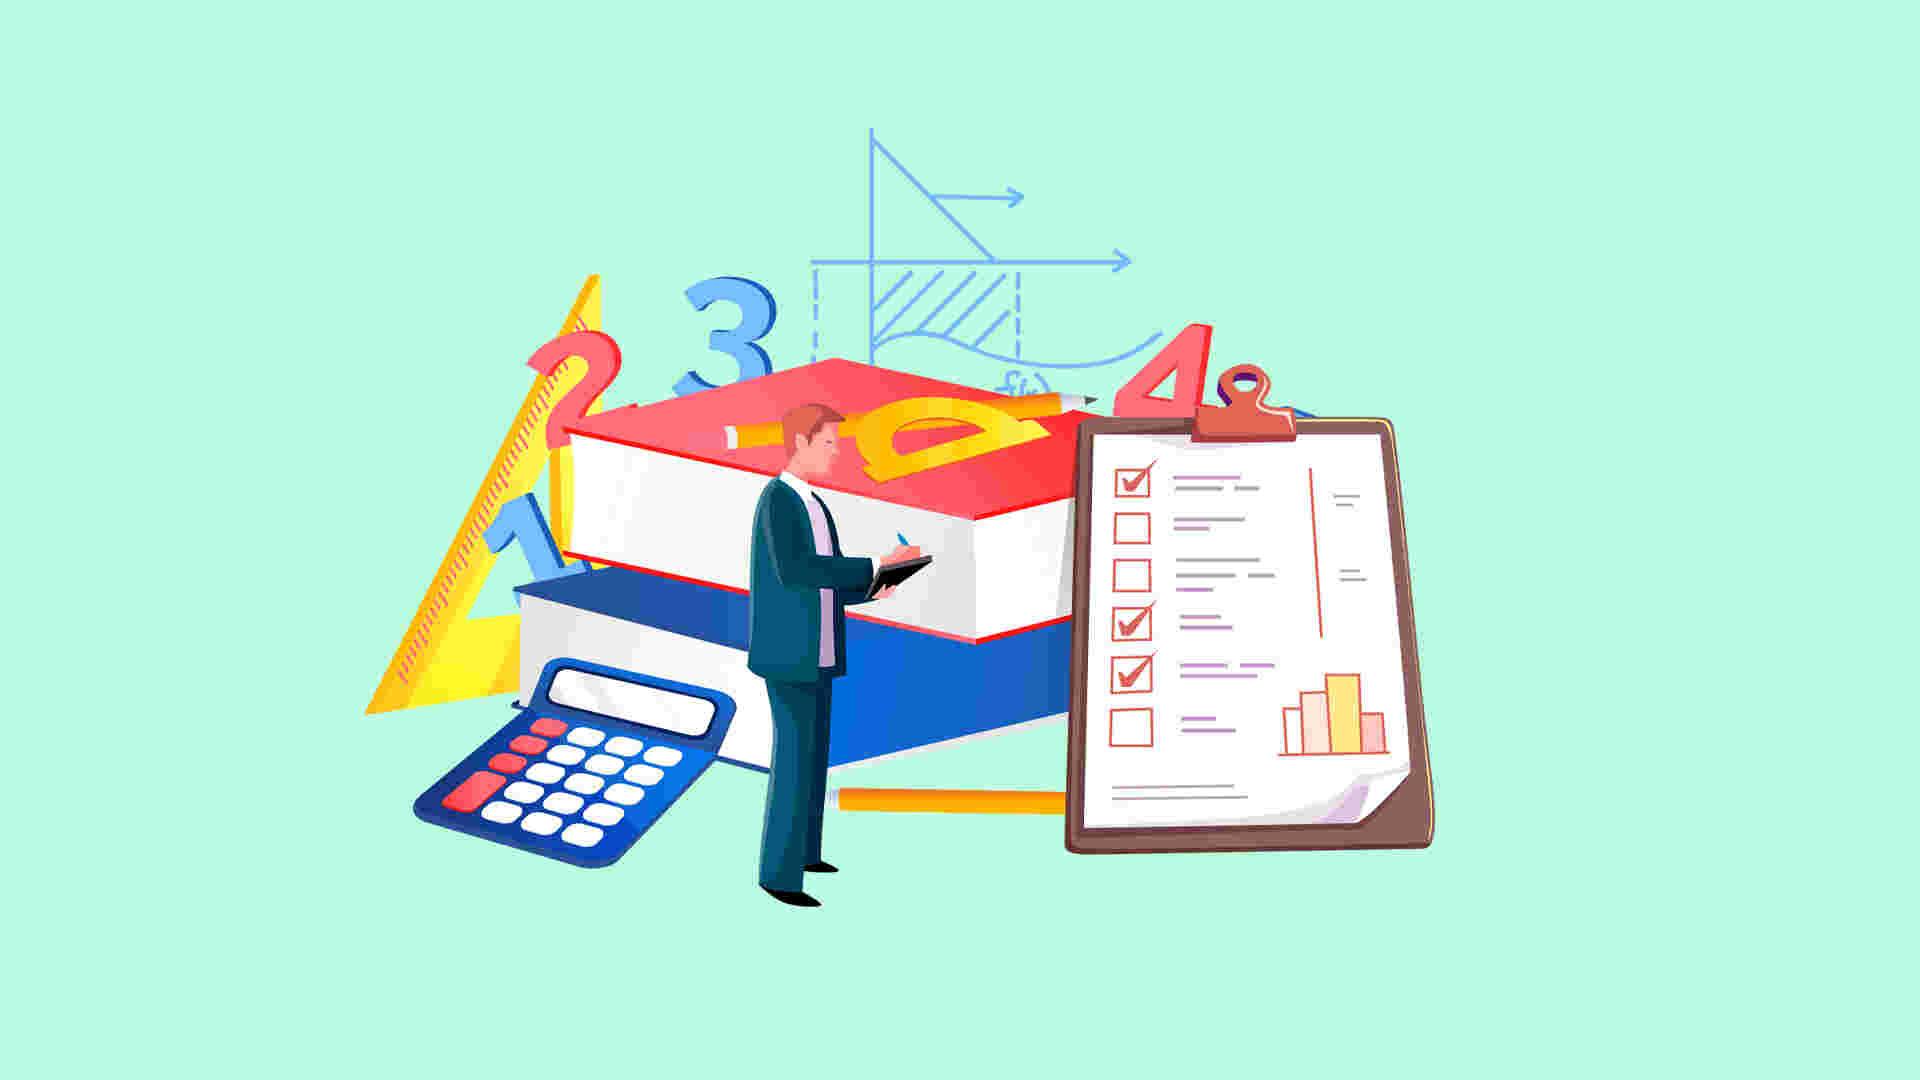 آموزش ریاضی آزمون استخدامی با رویکرد حل مساله